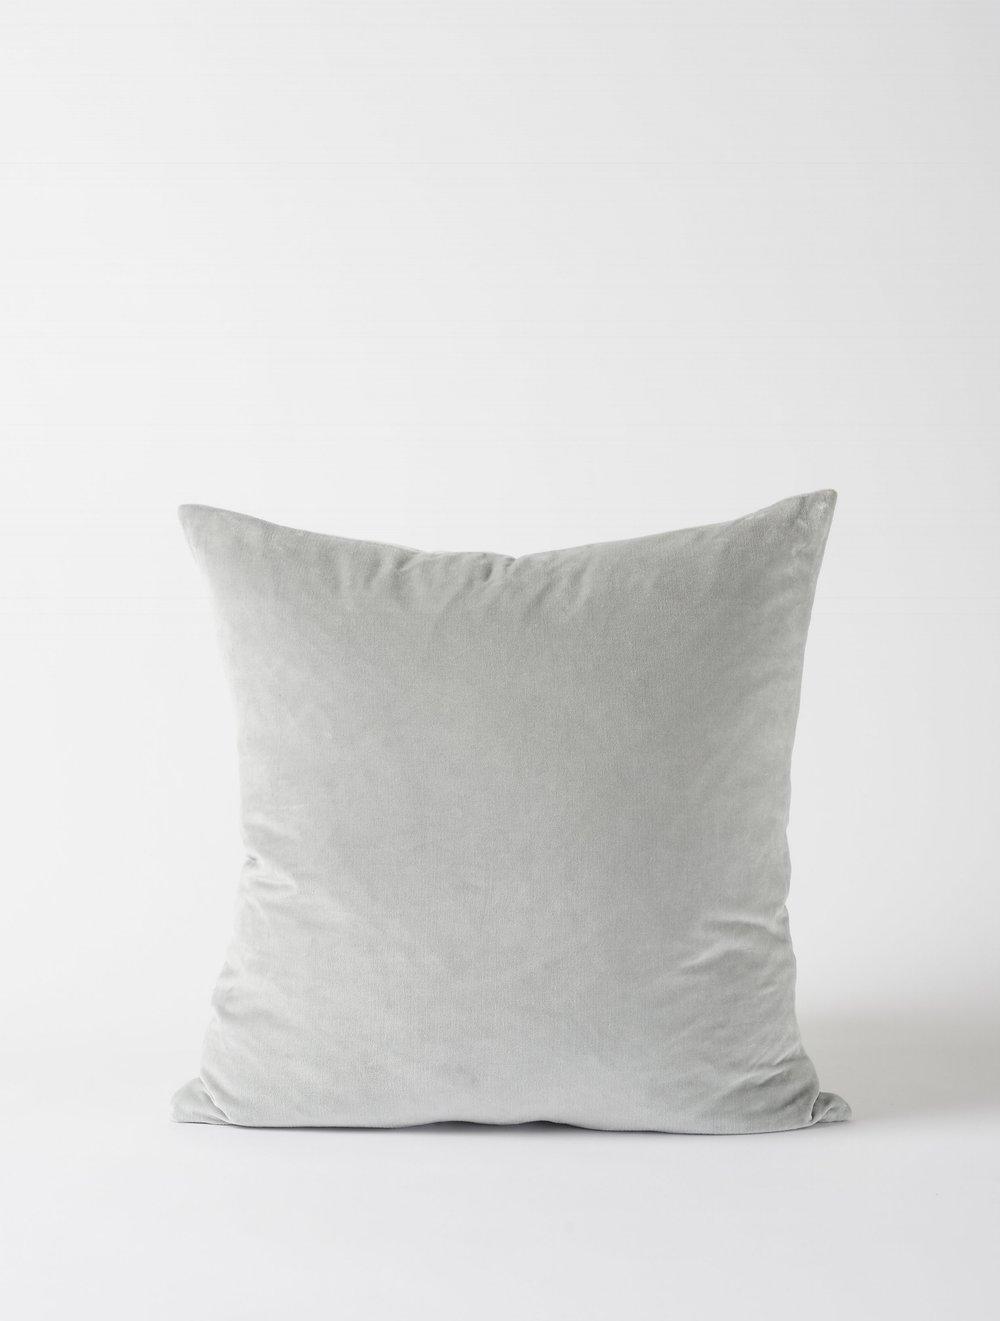 Cotton Velvet Cushion Cover - Dove $44.90